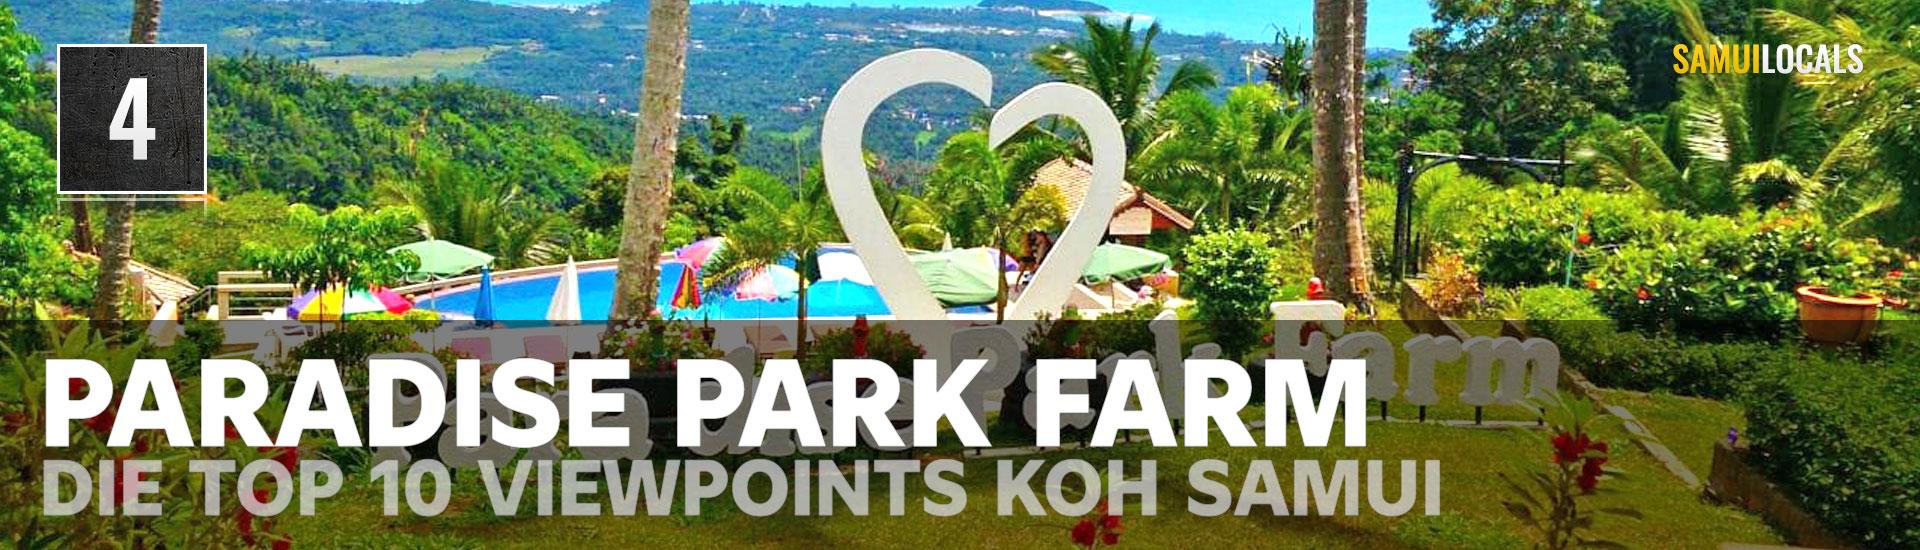 viewpoint_koh_samui_paradise_park_farm